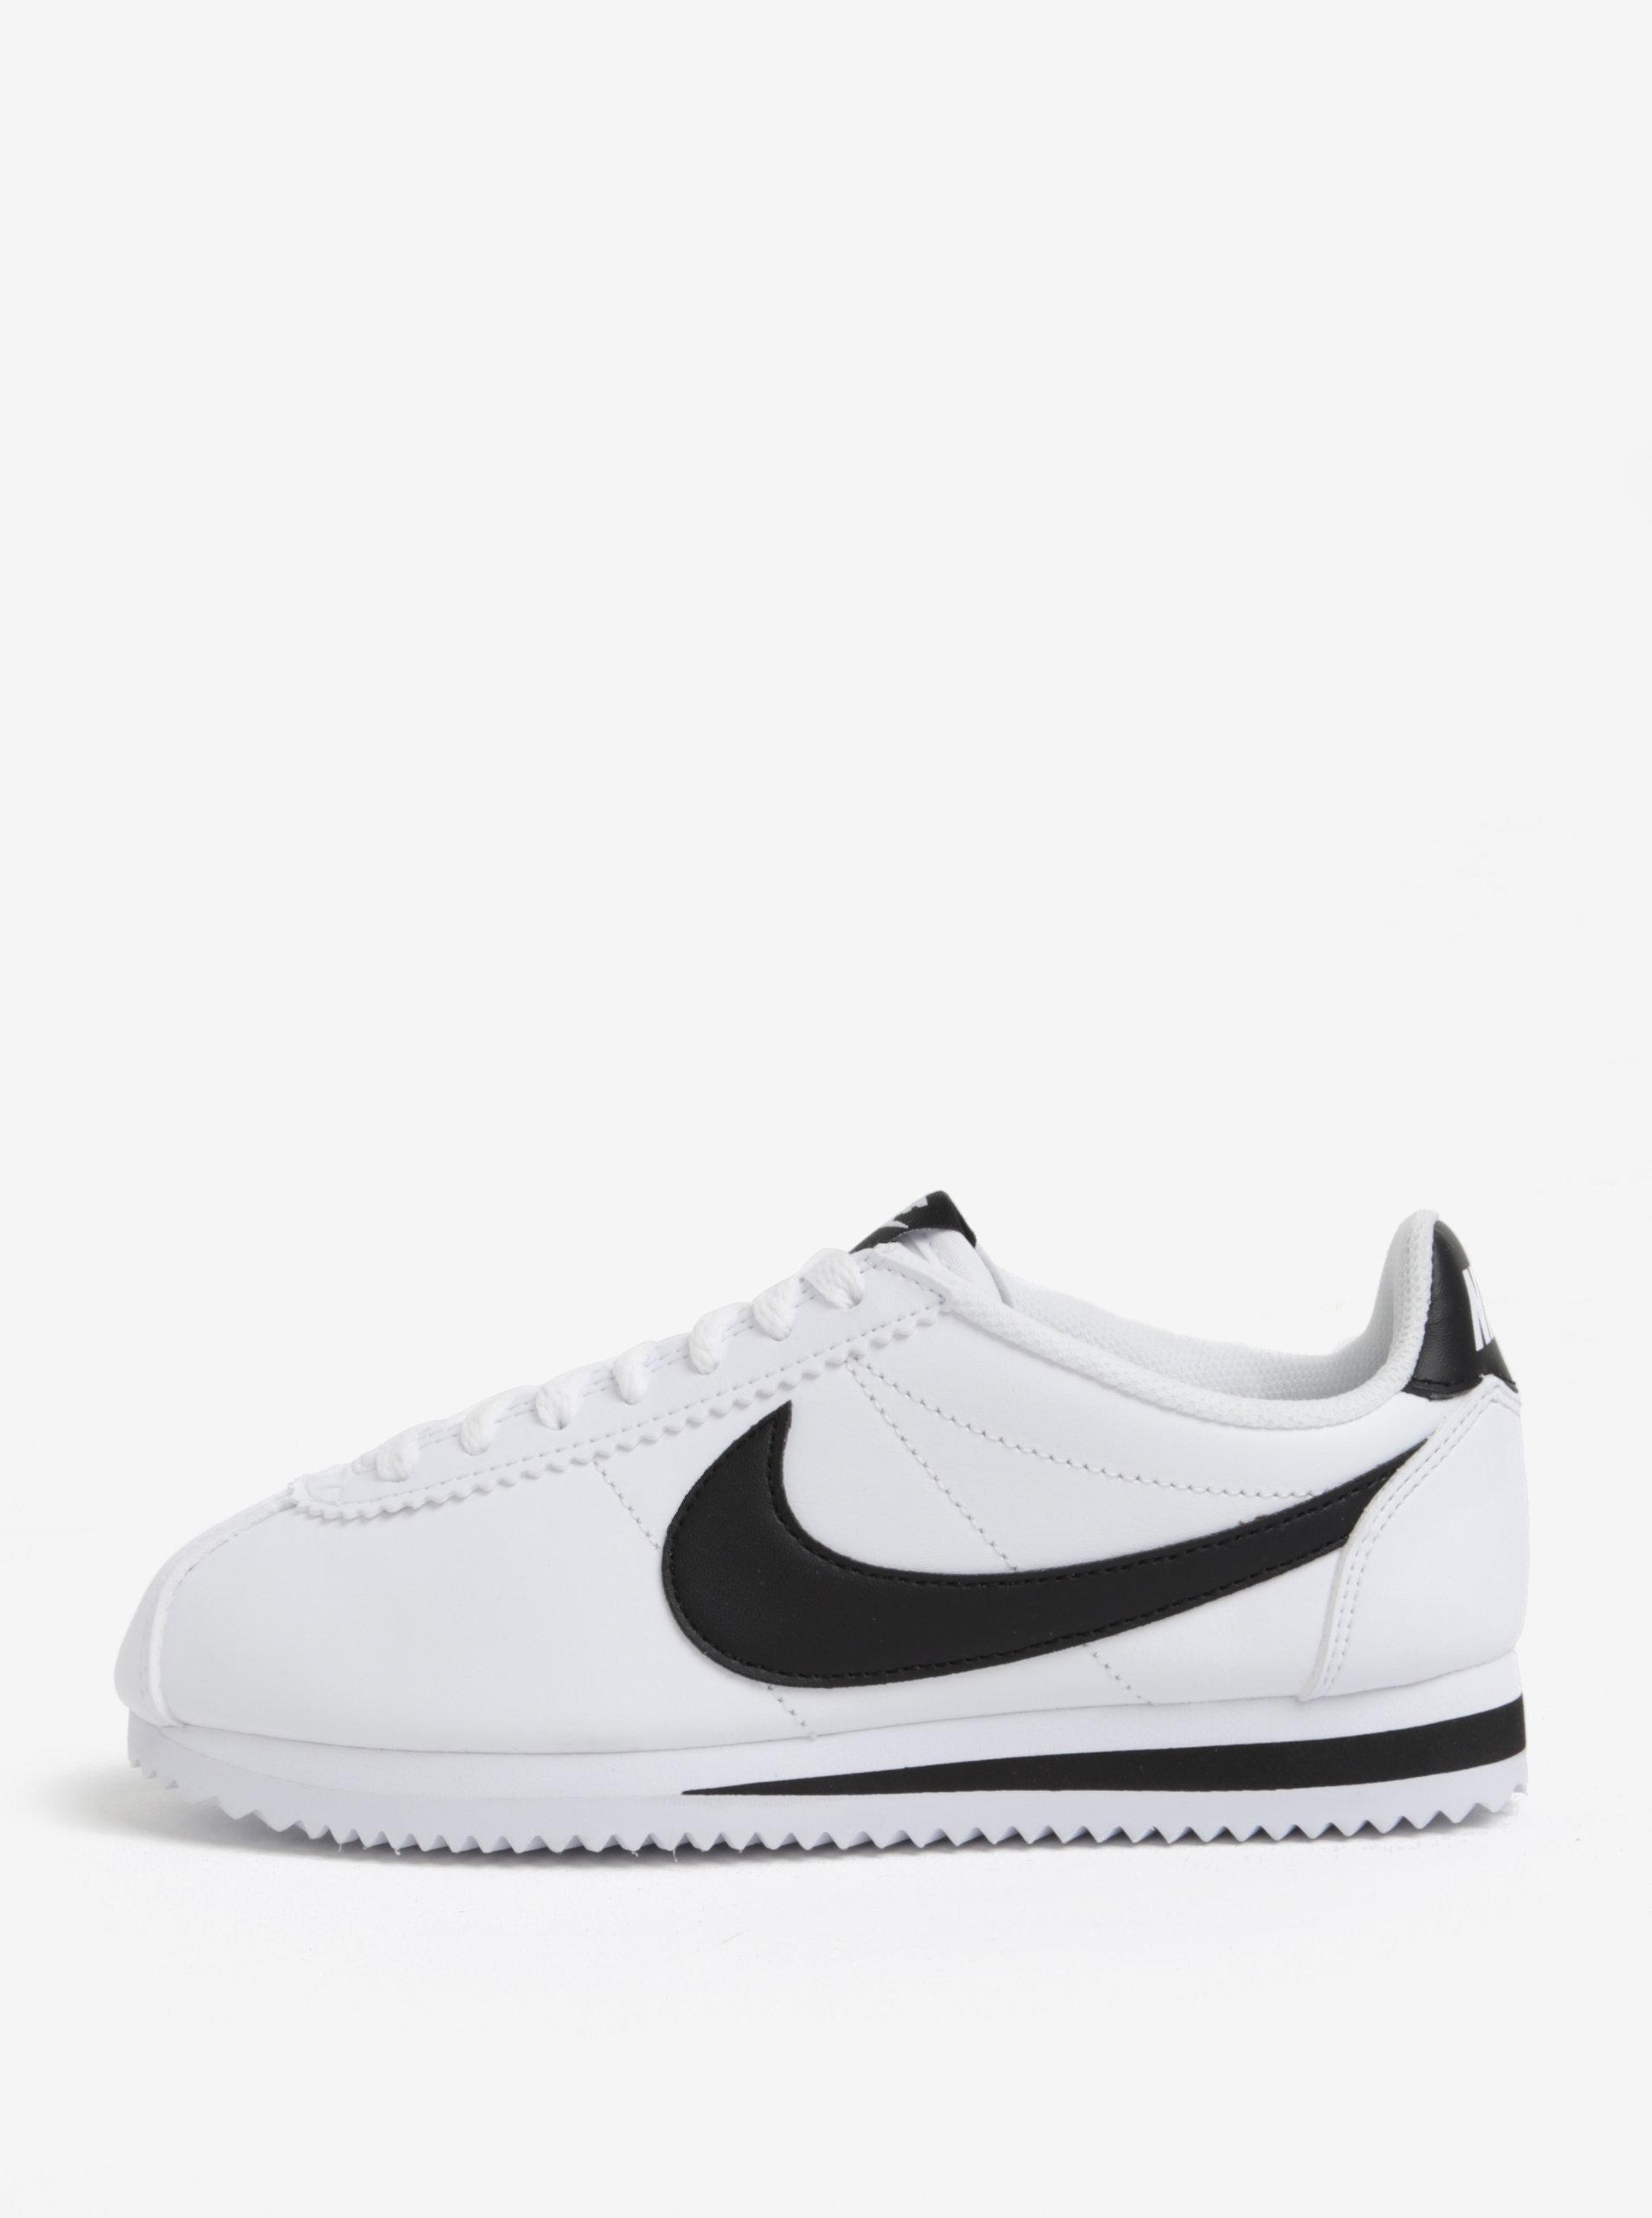 quality design ebd40 23f1b Černo-bílé dámské tenisky Nike Classic Cortez ...